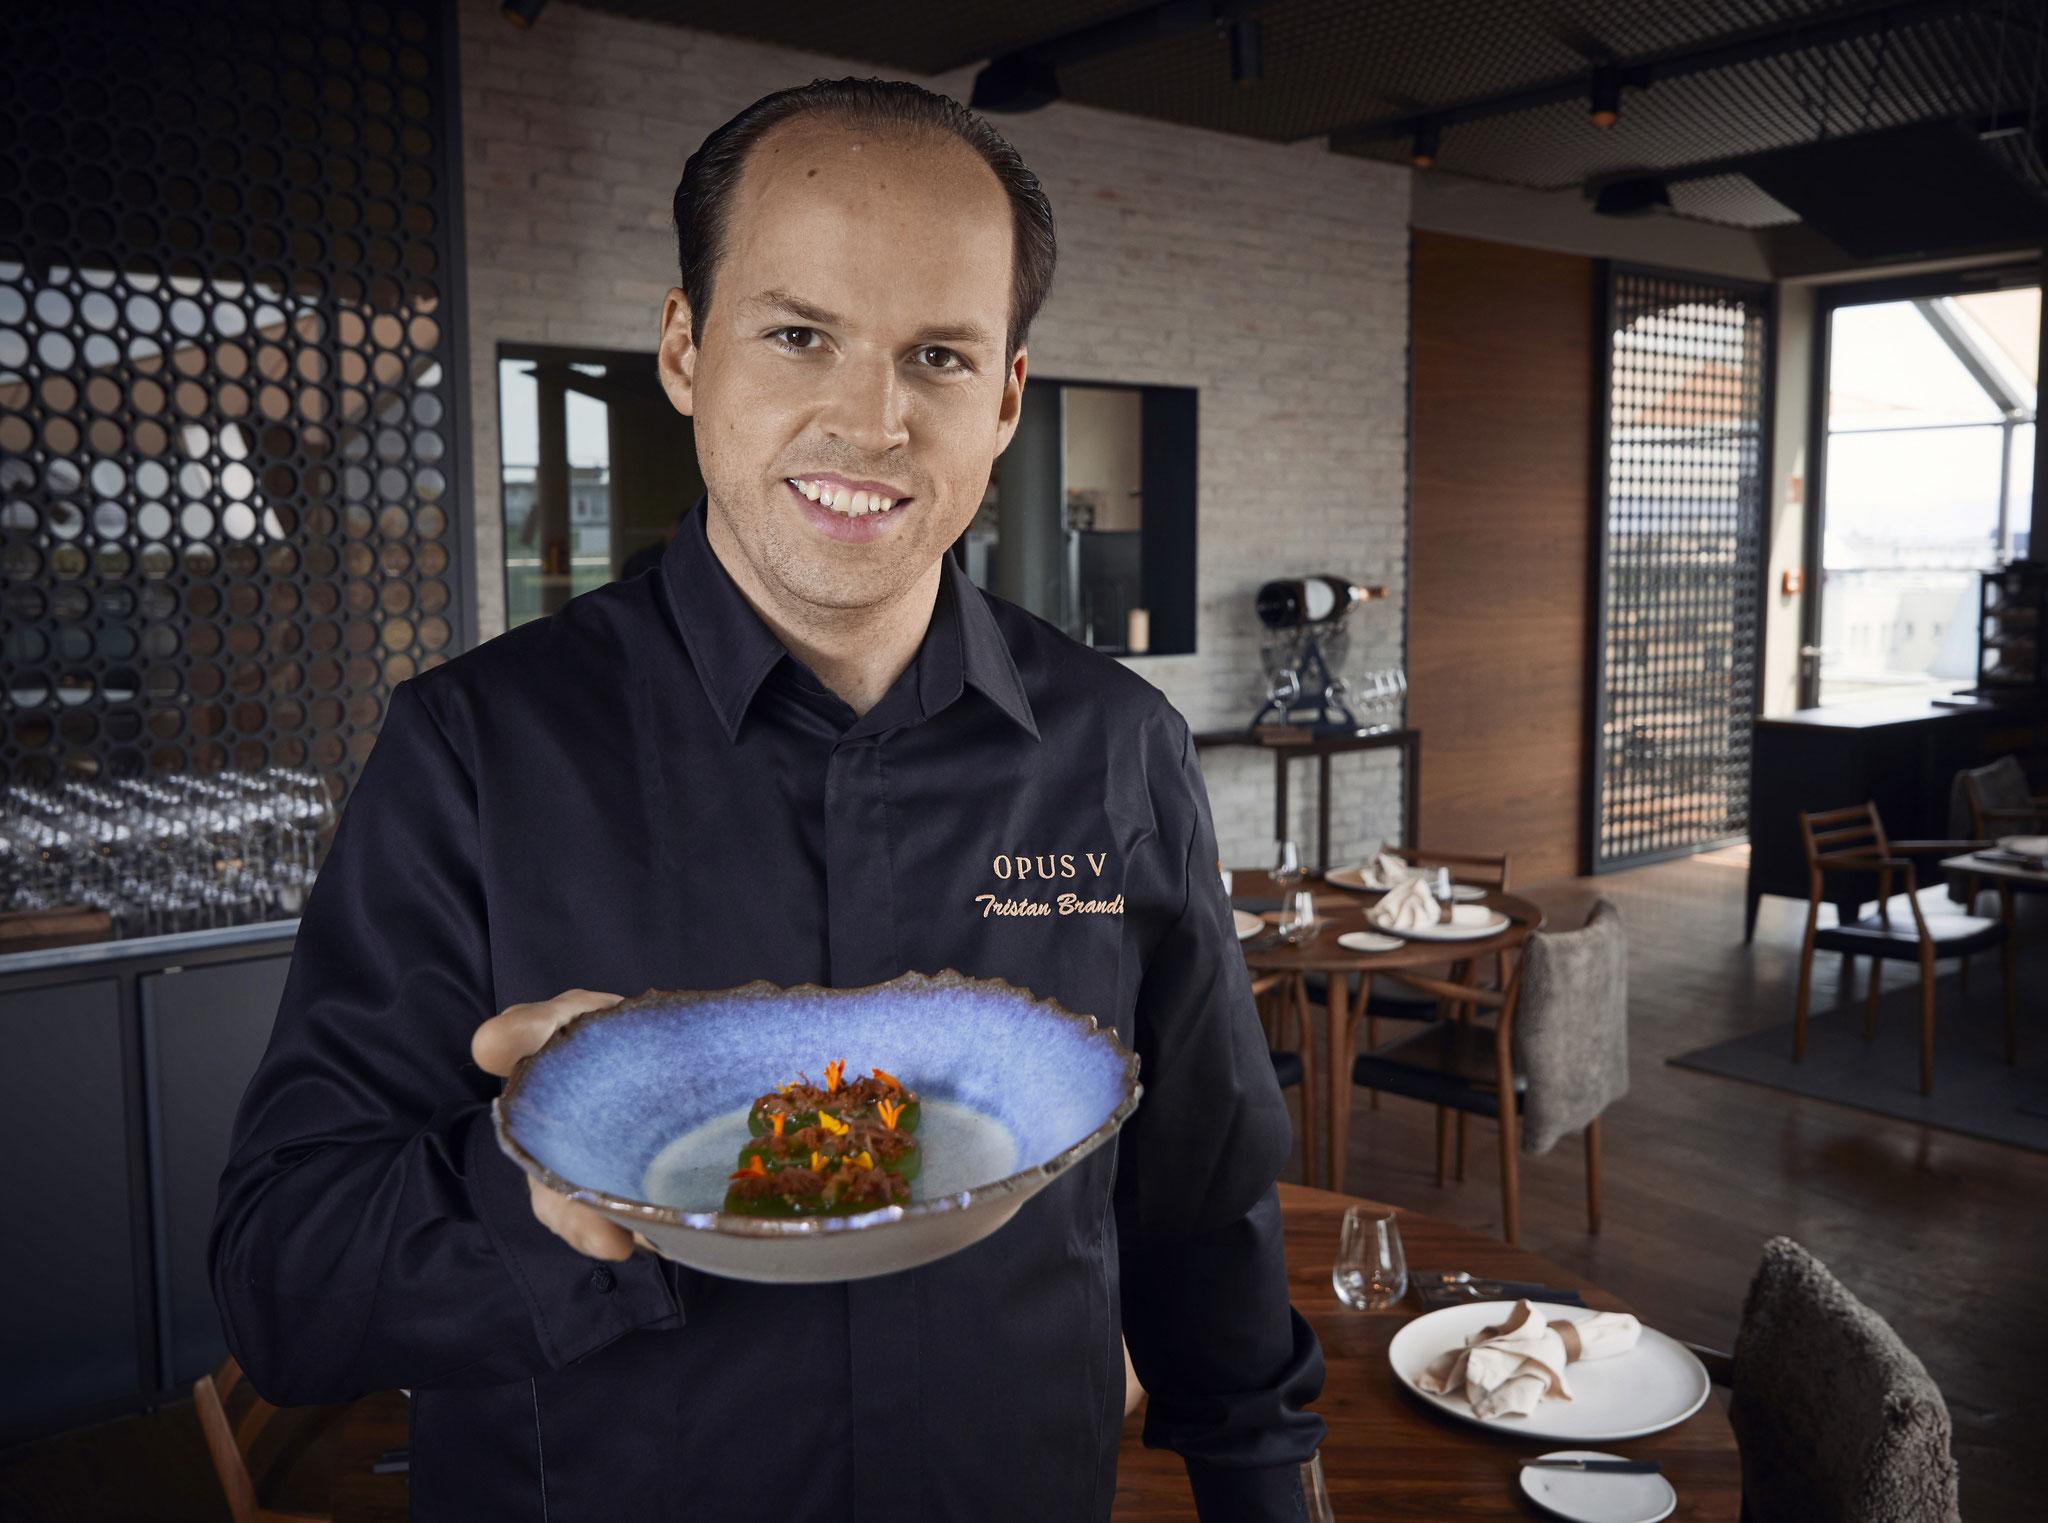 Tristan Brandt, Küchenchef im OPUS V - Foodtalker-Podcast #31